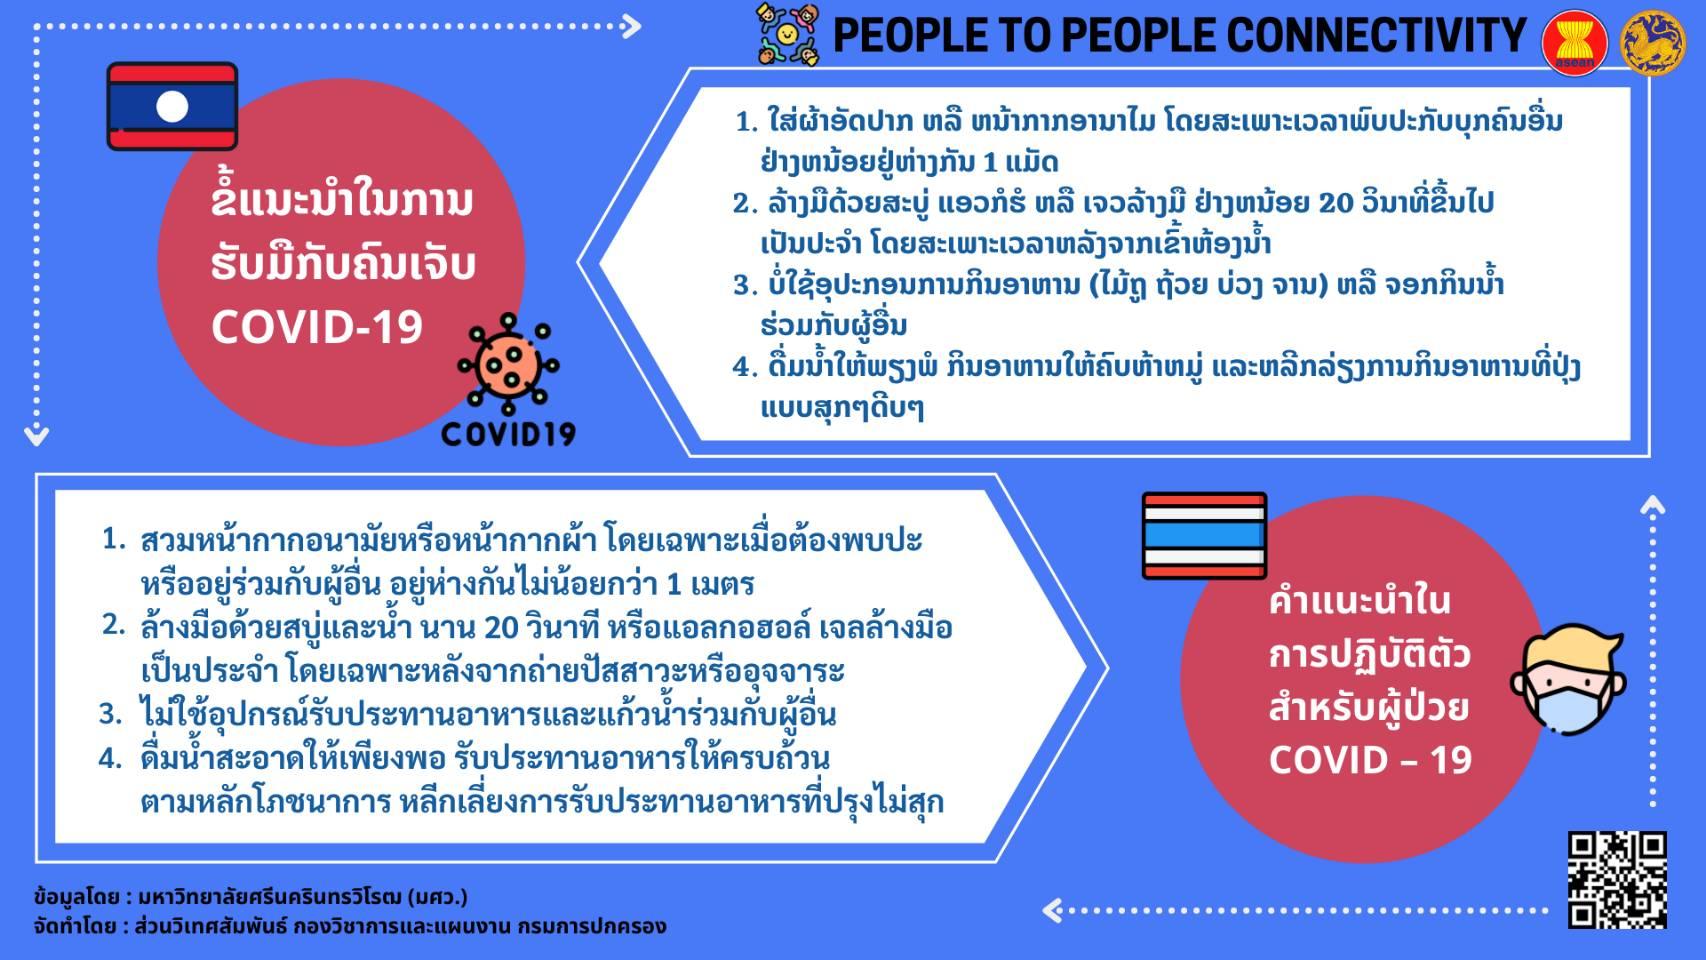 คำแนะนำในการปฏิบัติตัวสำหรับผู้ป่วยด้วยโรคติดเชื้อไวรัสโคโรนา 2019 (COVID – 19)